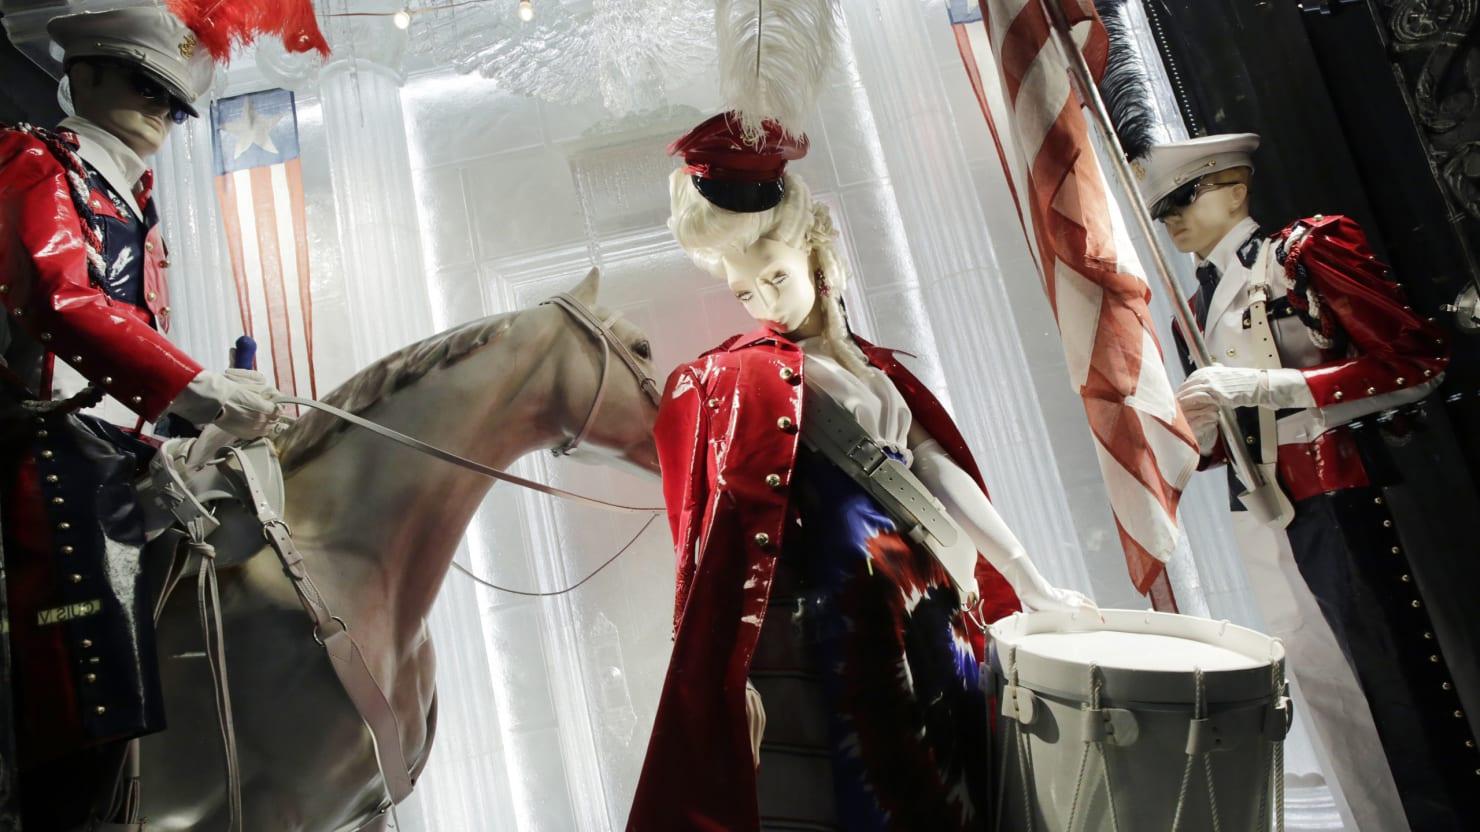 Tales of a Bergdorf Goodman Window Dresser